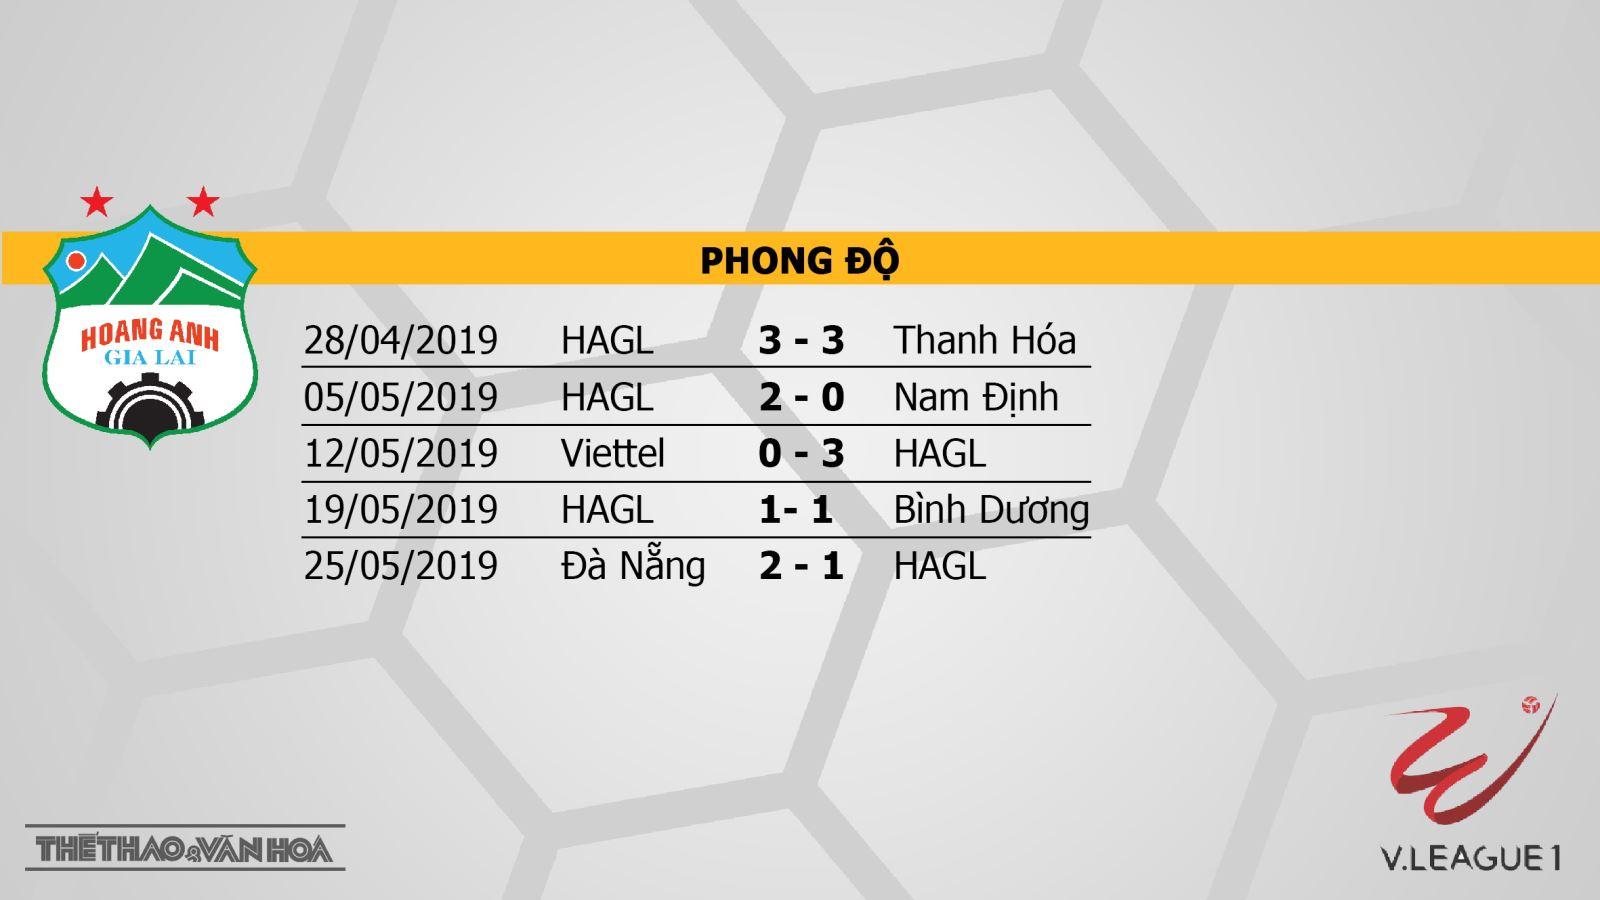 Hà Nội FC, HAGL, trực tiếp HAGL vs Hà Nội FC, Hoàng Anh Gia Lai, trực tiếp bóng đá, V-League 2019, VTV6, BĐTV, TTTV, FPT Play, HTV Thể thao